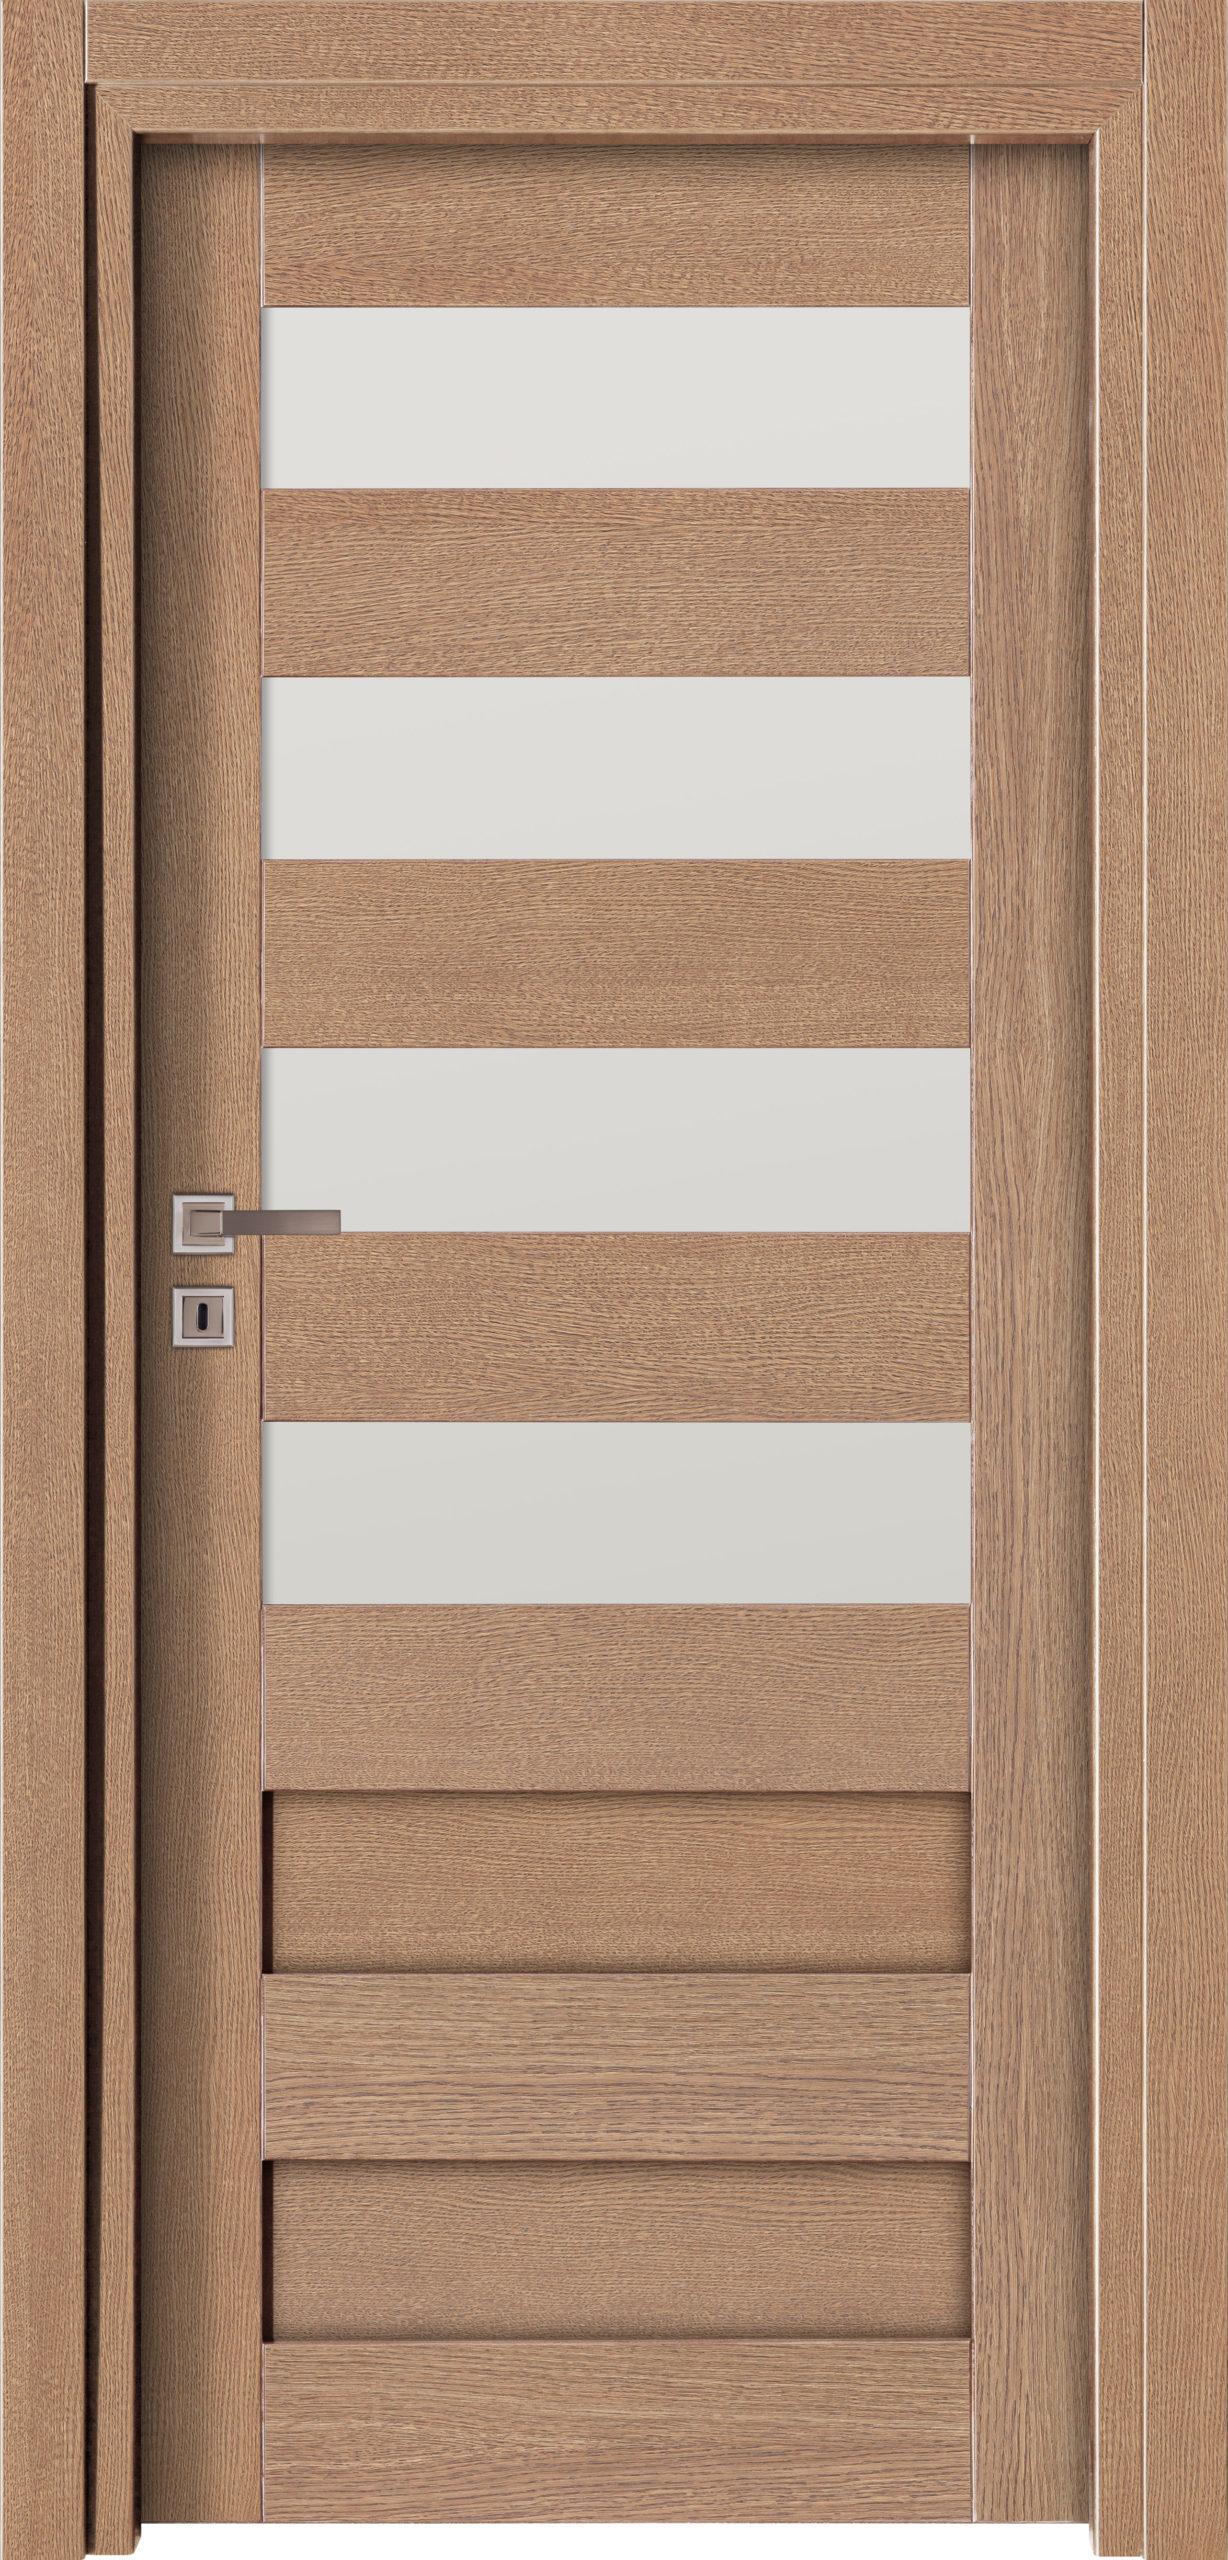 Vigo A5 - jesion - szary - szklenie lacomat bezpieczny - ościeżnica przylgowa regulowana drewniana prosta (IIa)